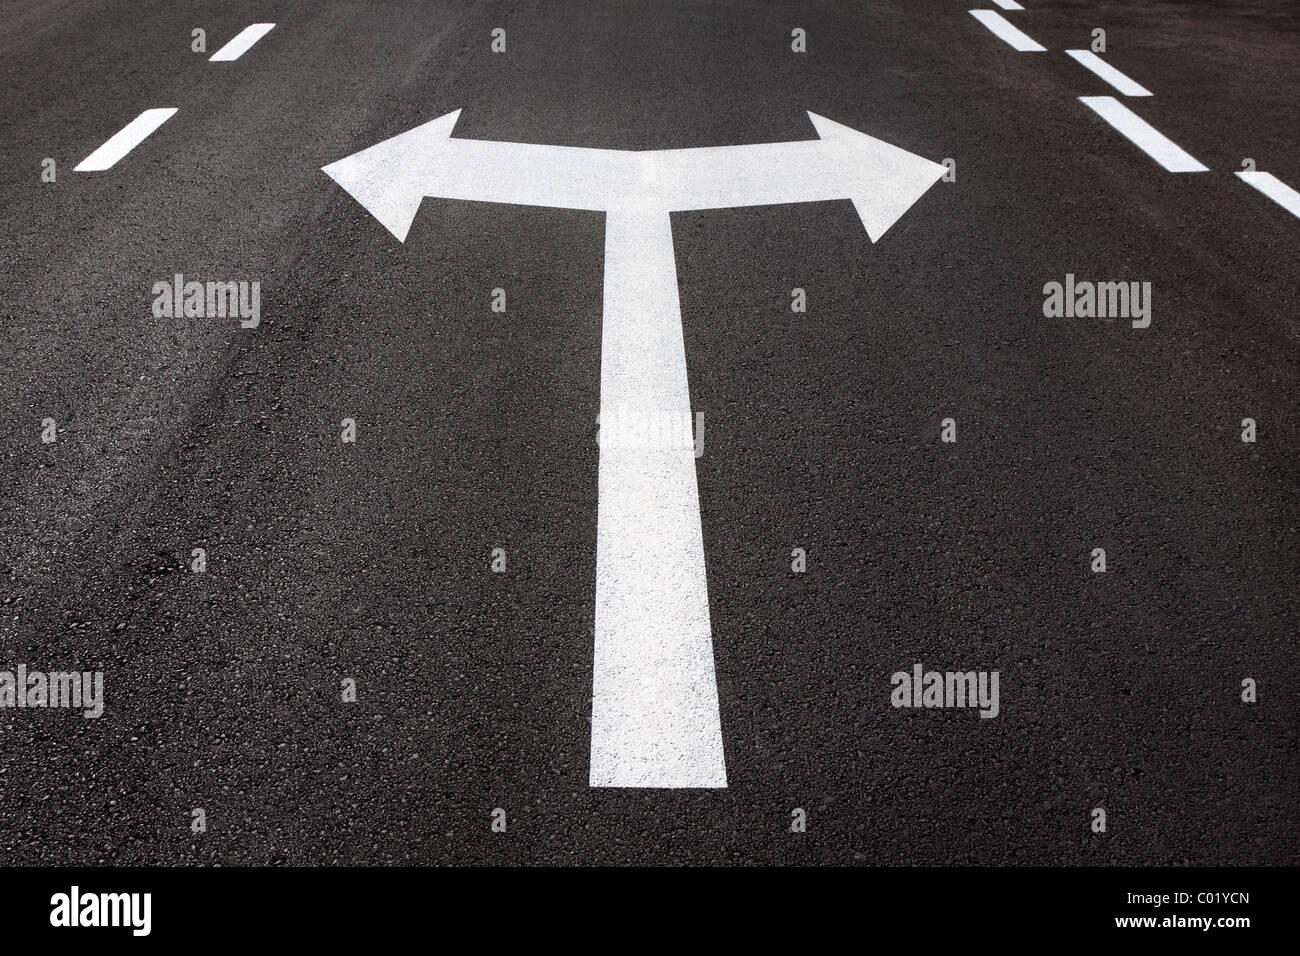 Flèches gauche et droite peint sur la chaussée goudronnée. Concept pour tourner, décision, choix, Photo Stock